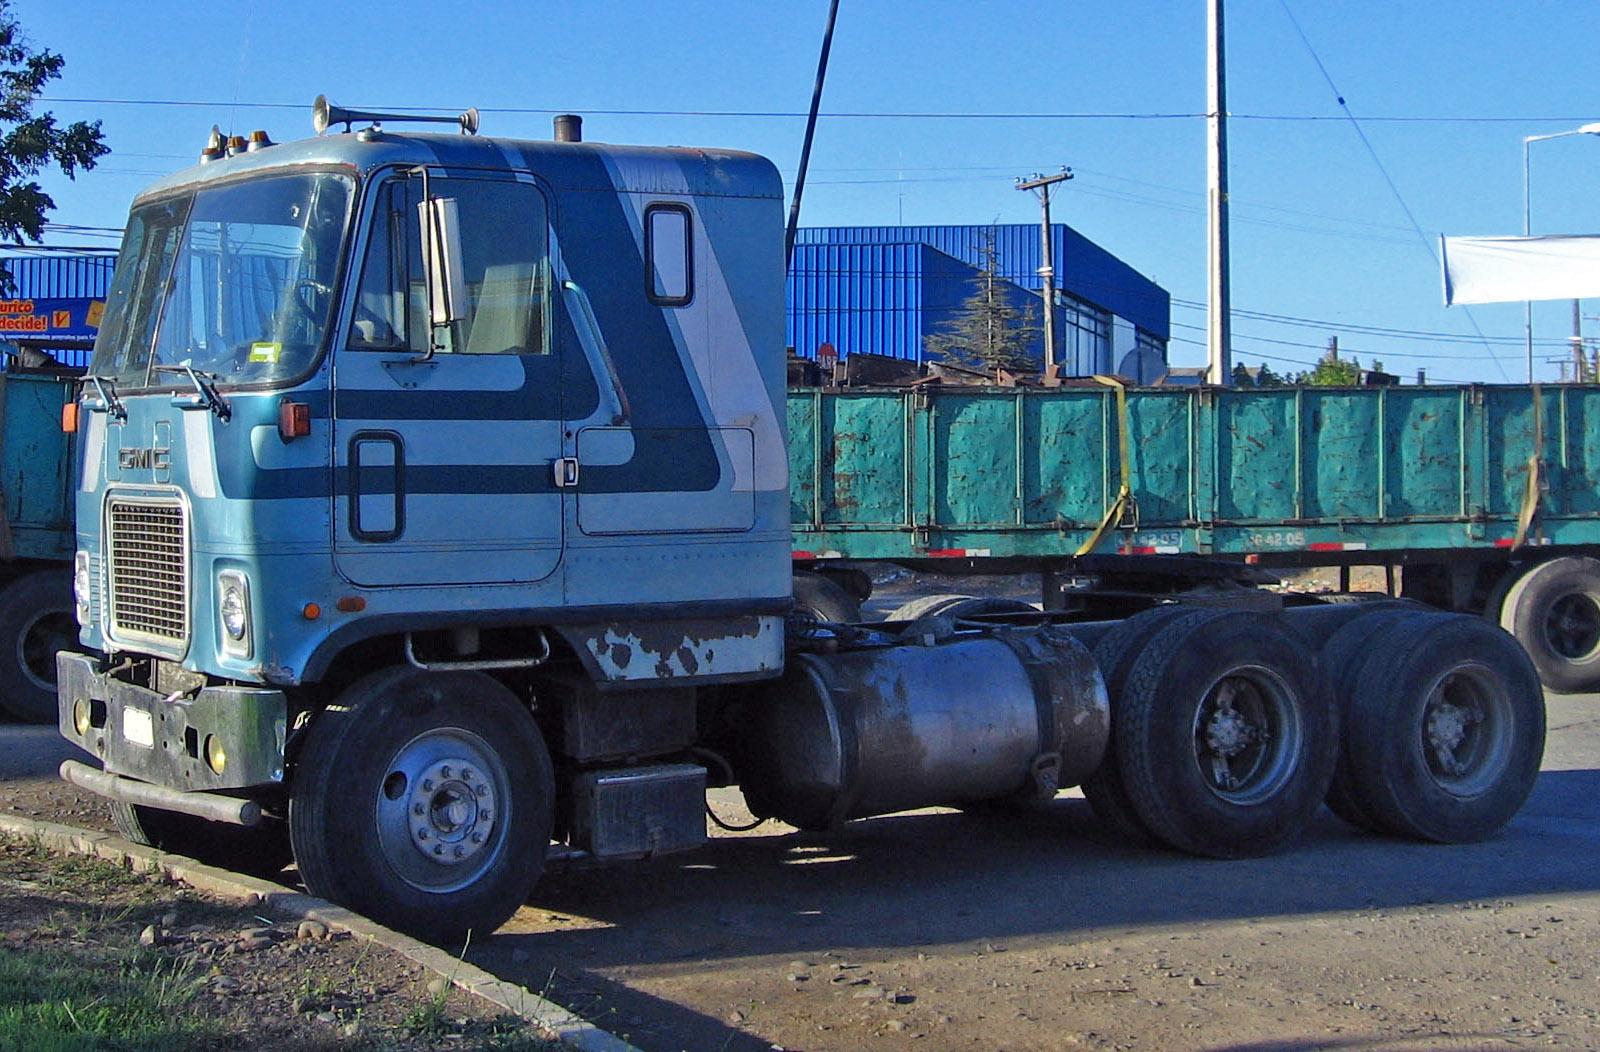 1985_GMC_Astro_95_tractor_in_Chile